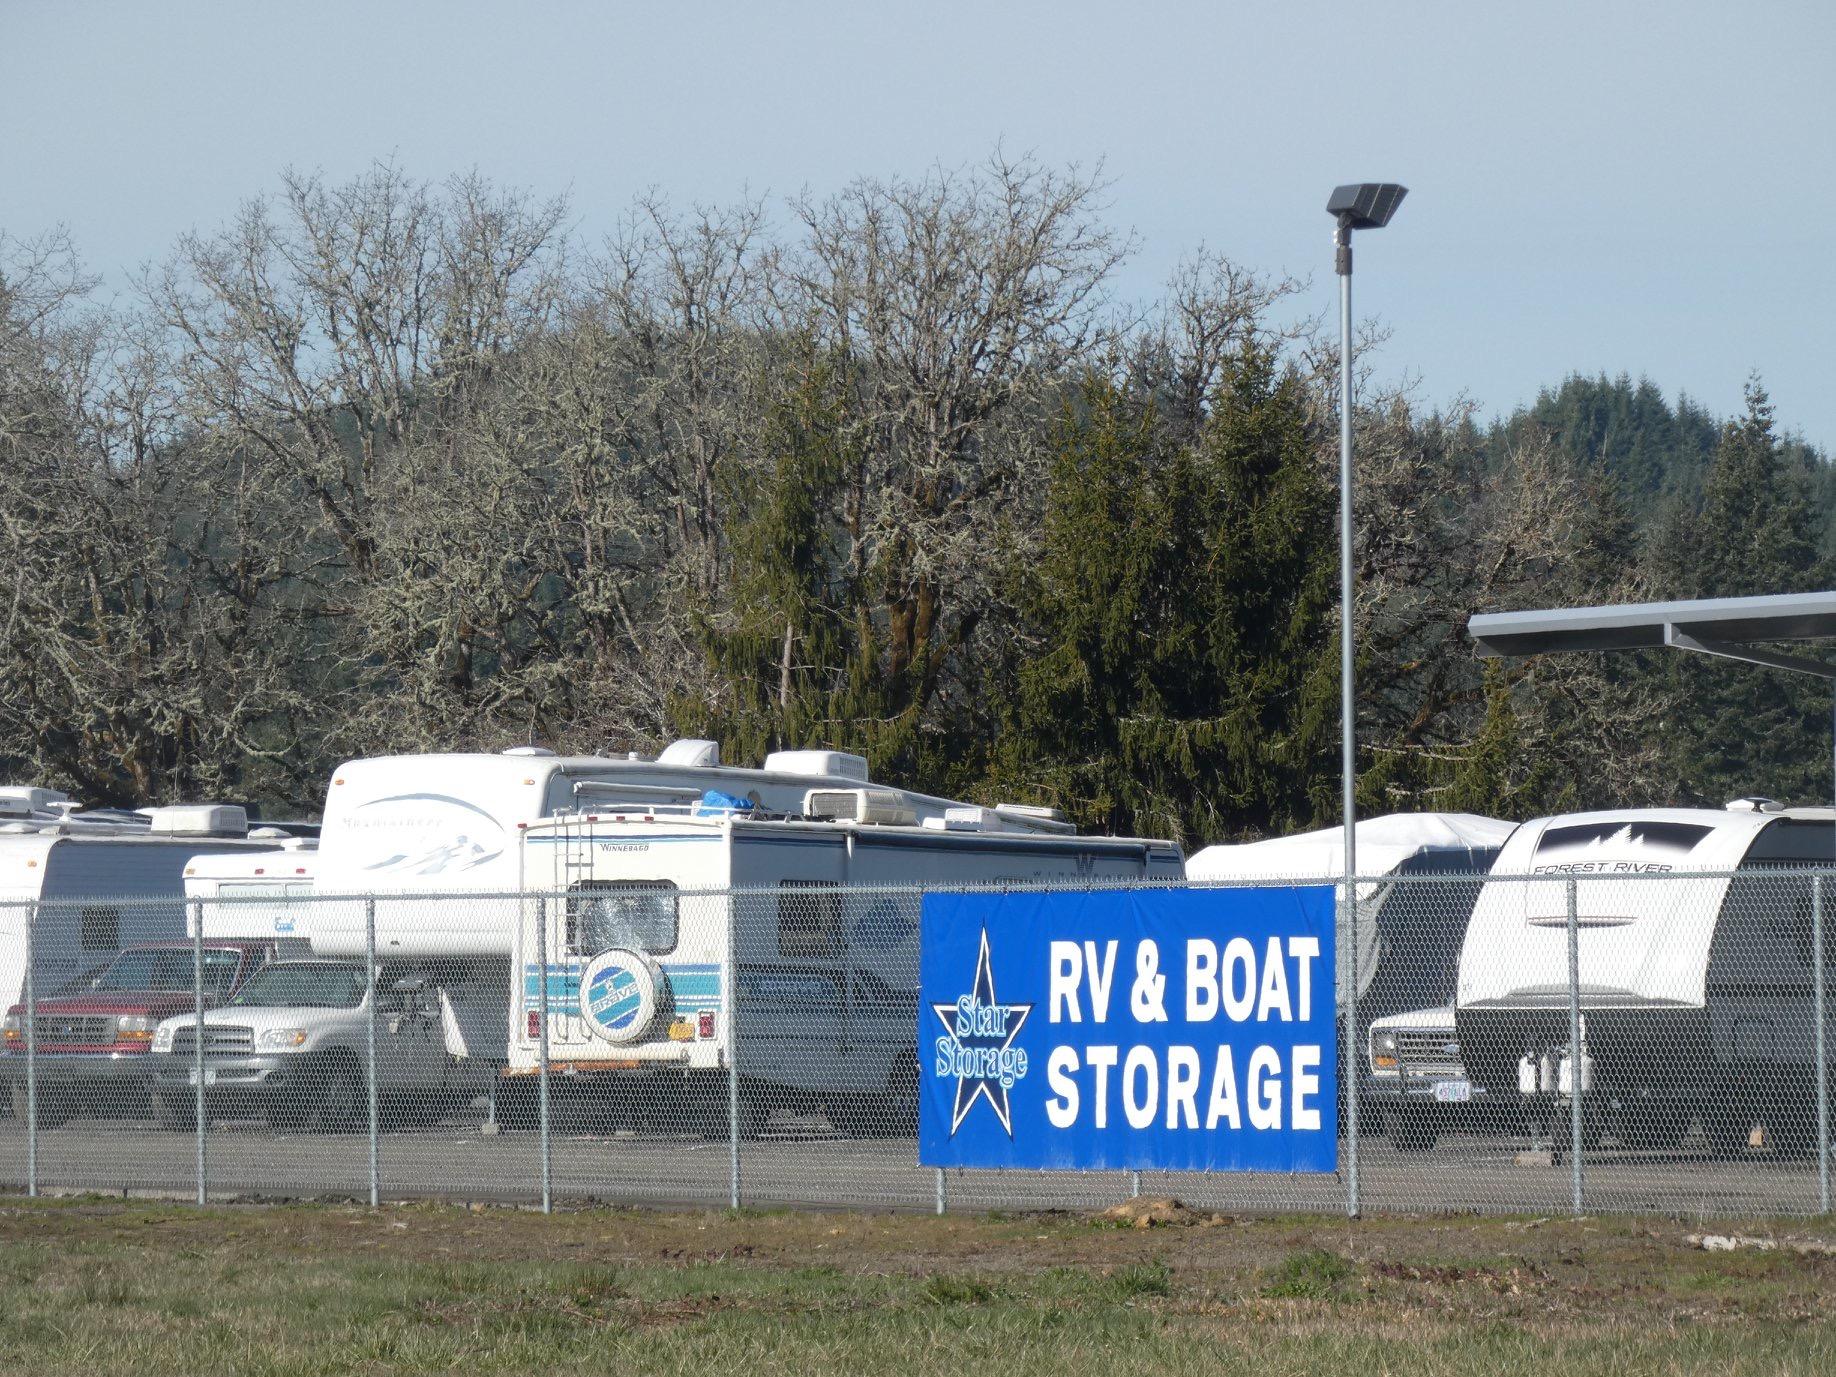 Star Storage Grand Ronde West, LLC